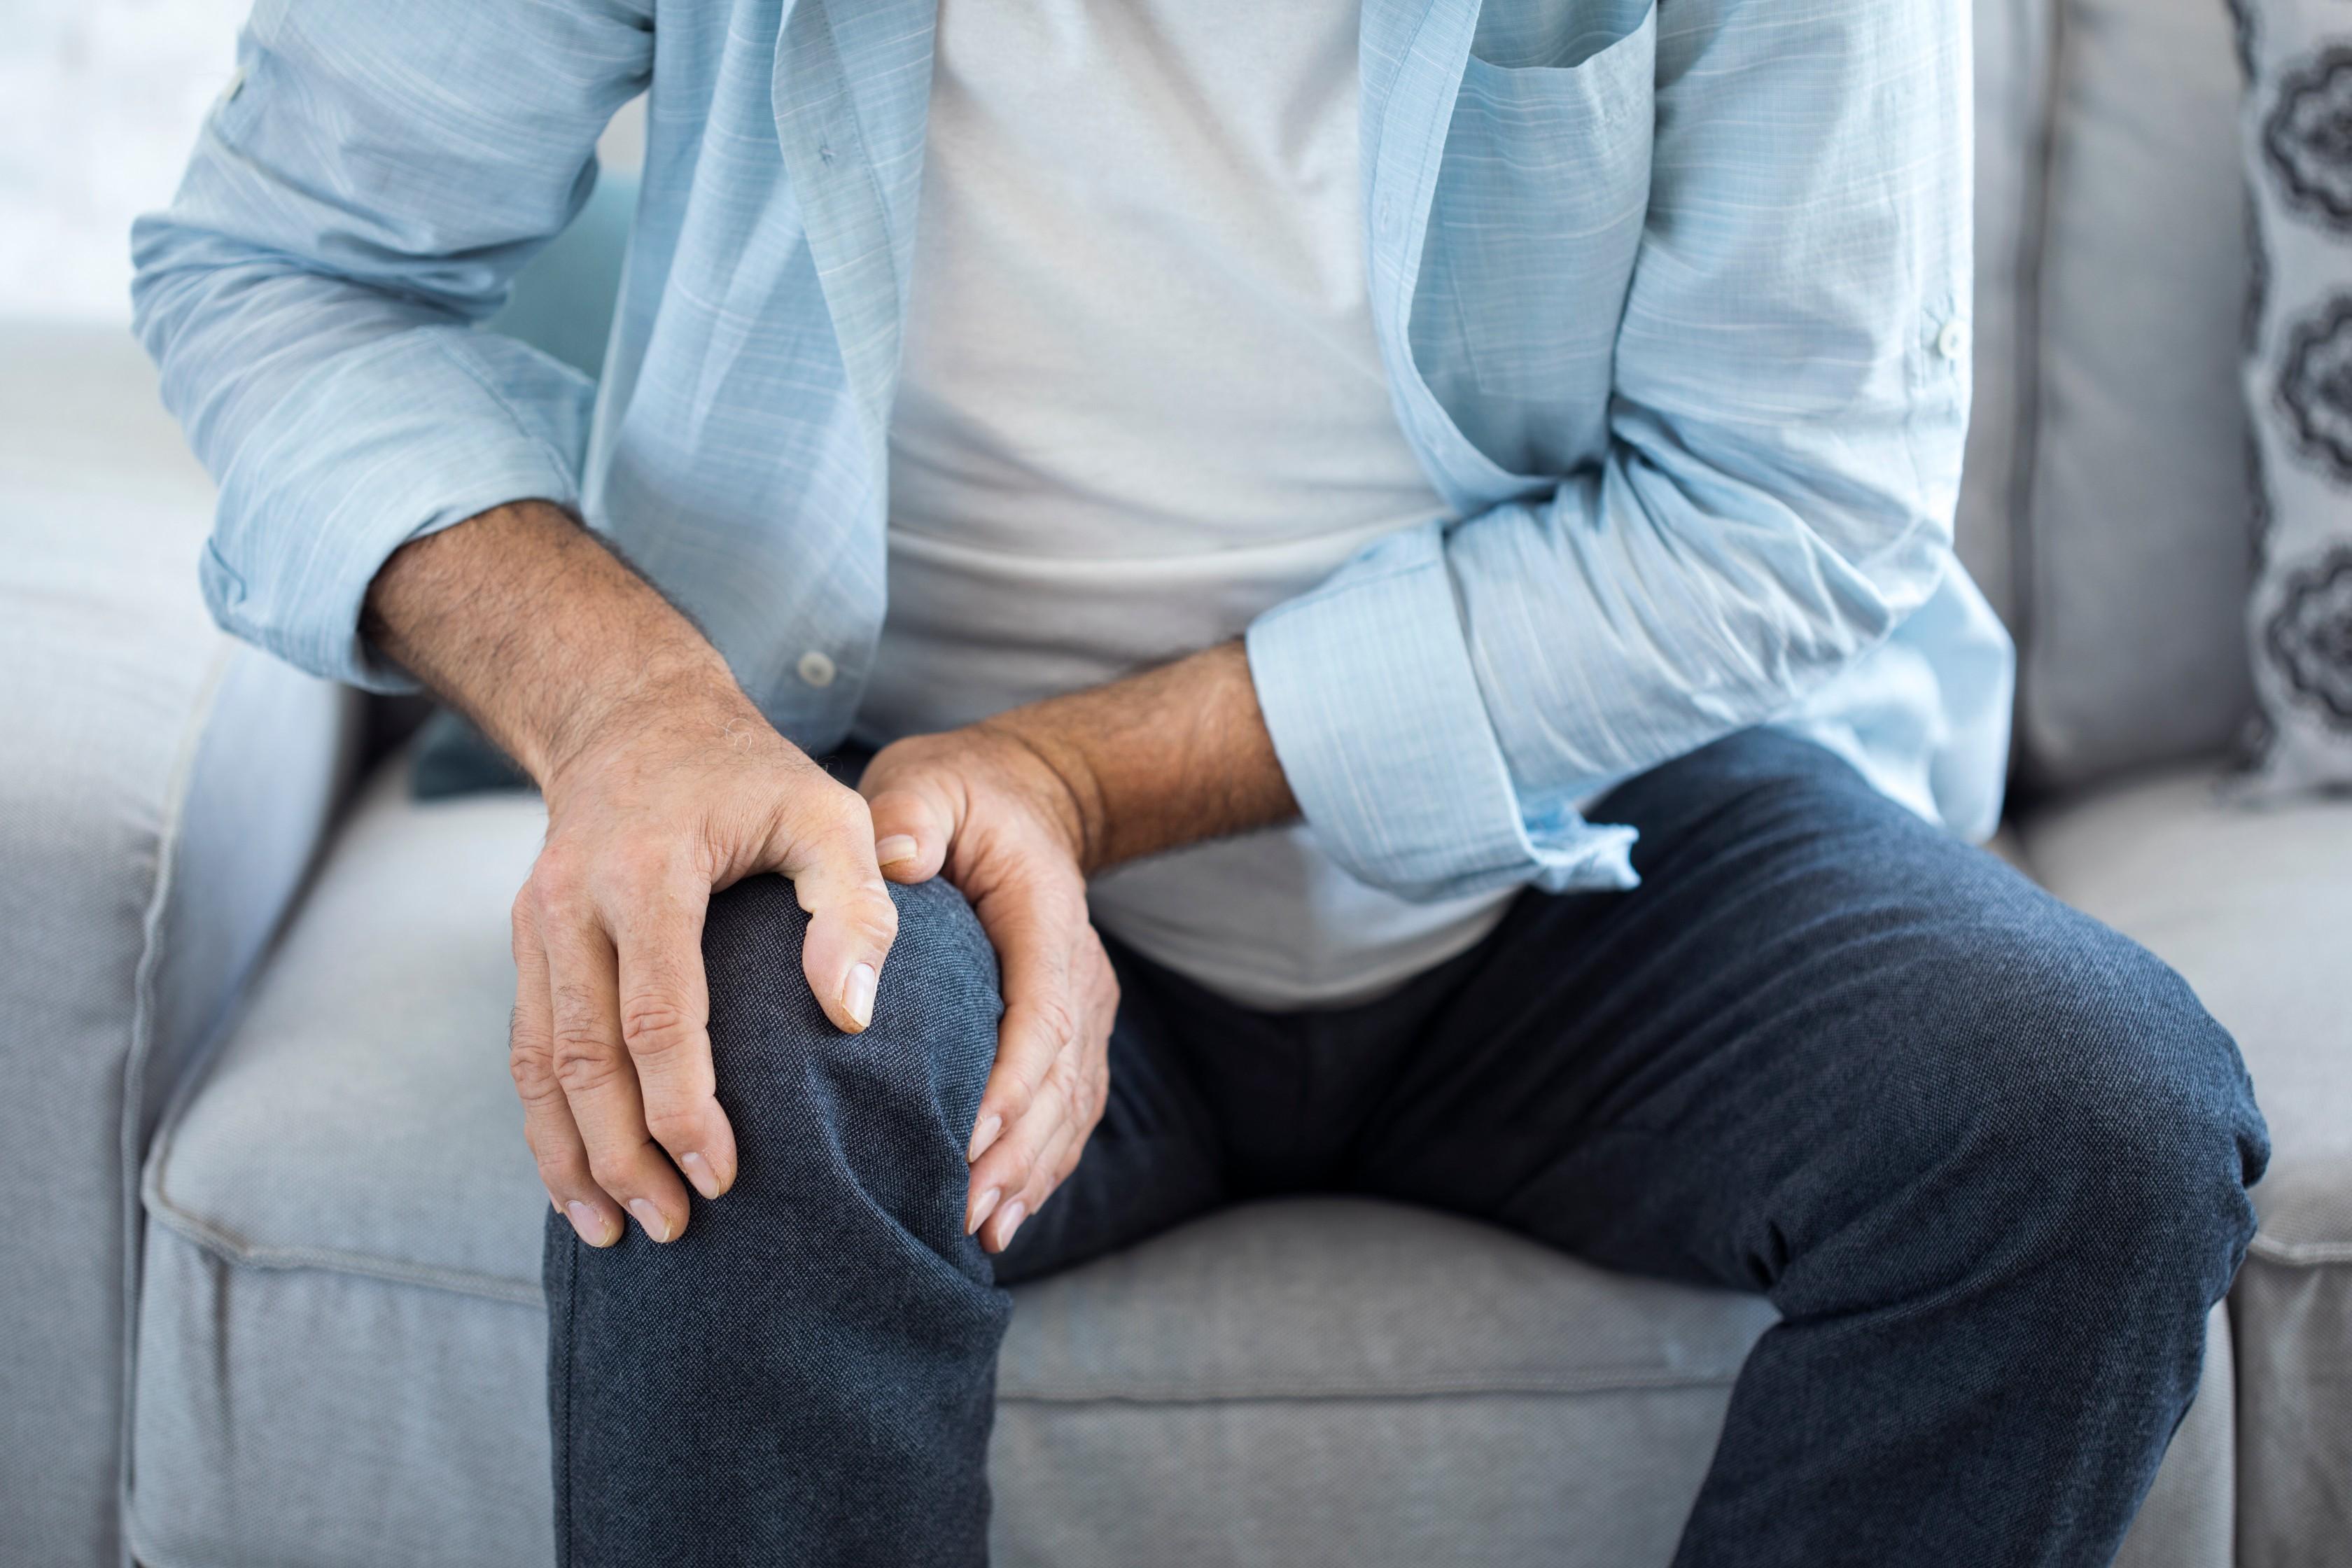 fájdalom a kezek ízületeiben a kezelés okainak izom- és ízületi fájdalomgélek